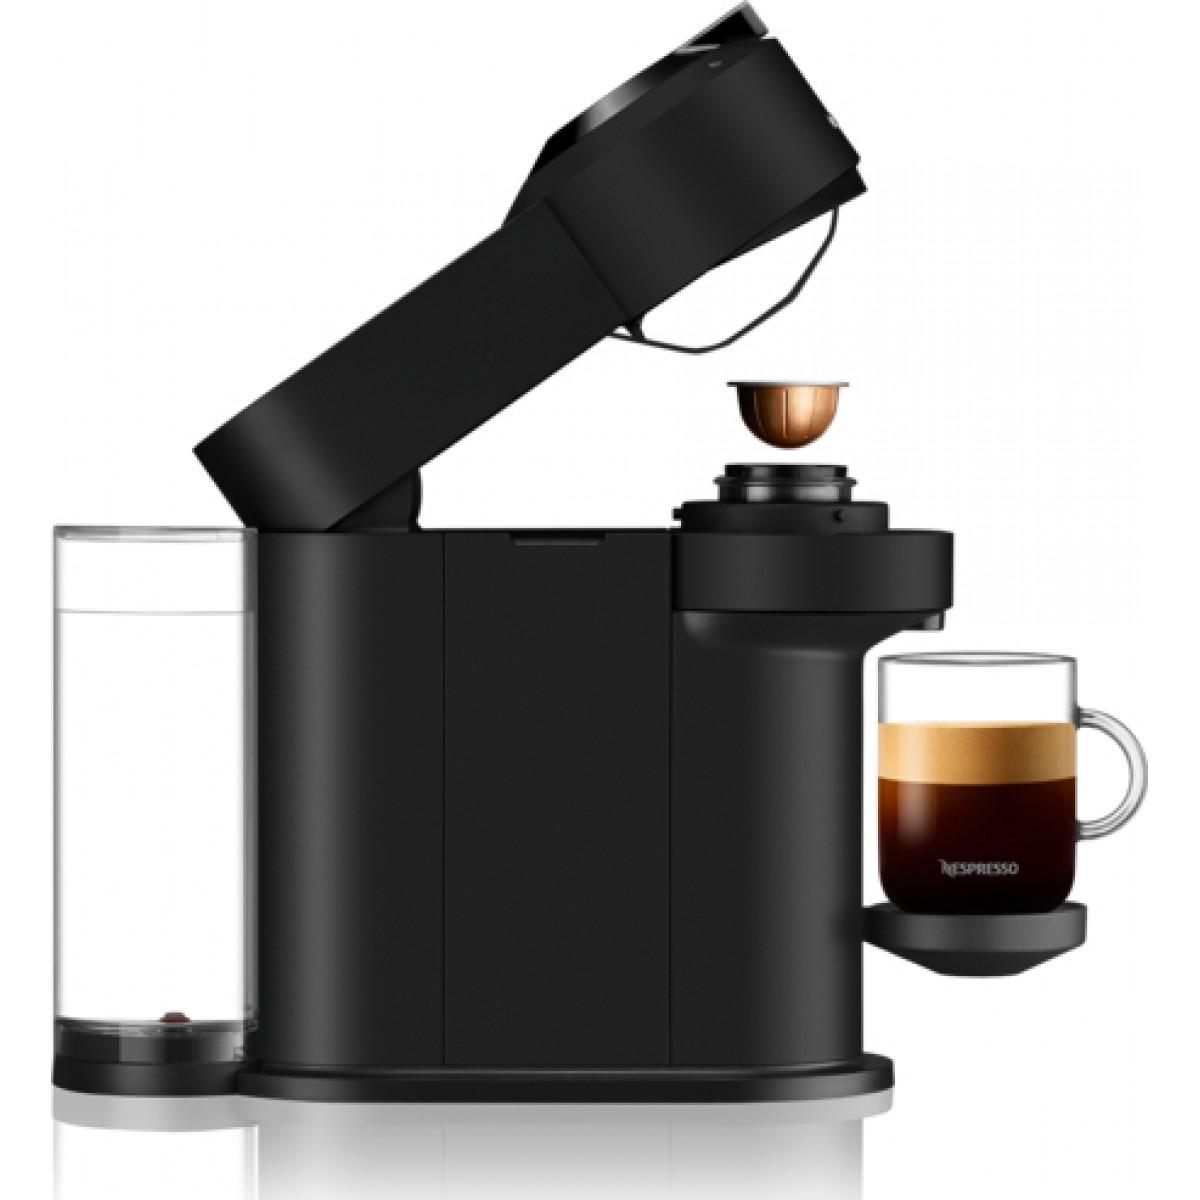 Μηχανή Nespresso Krups XN910NS Vertuo Next Matt Black (ΔΩΡΟ 12 κάψουλες) Καφετιέρες